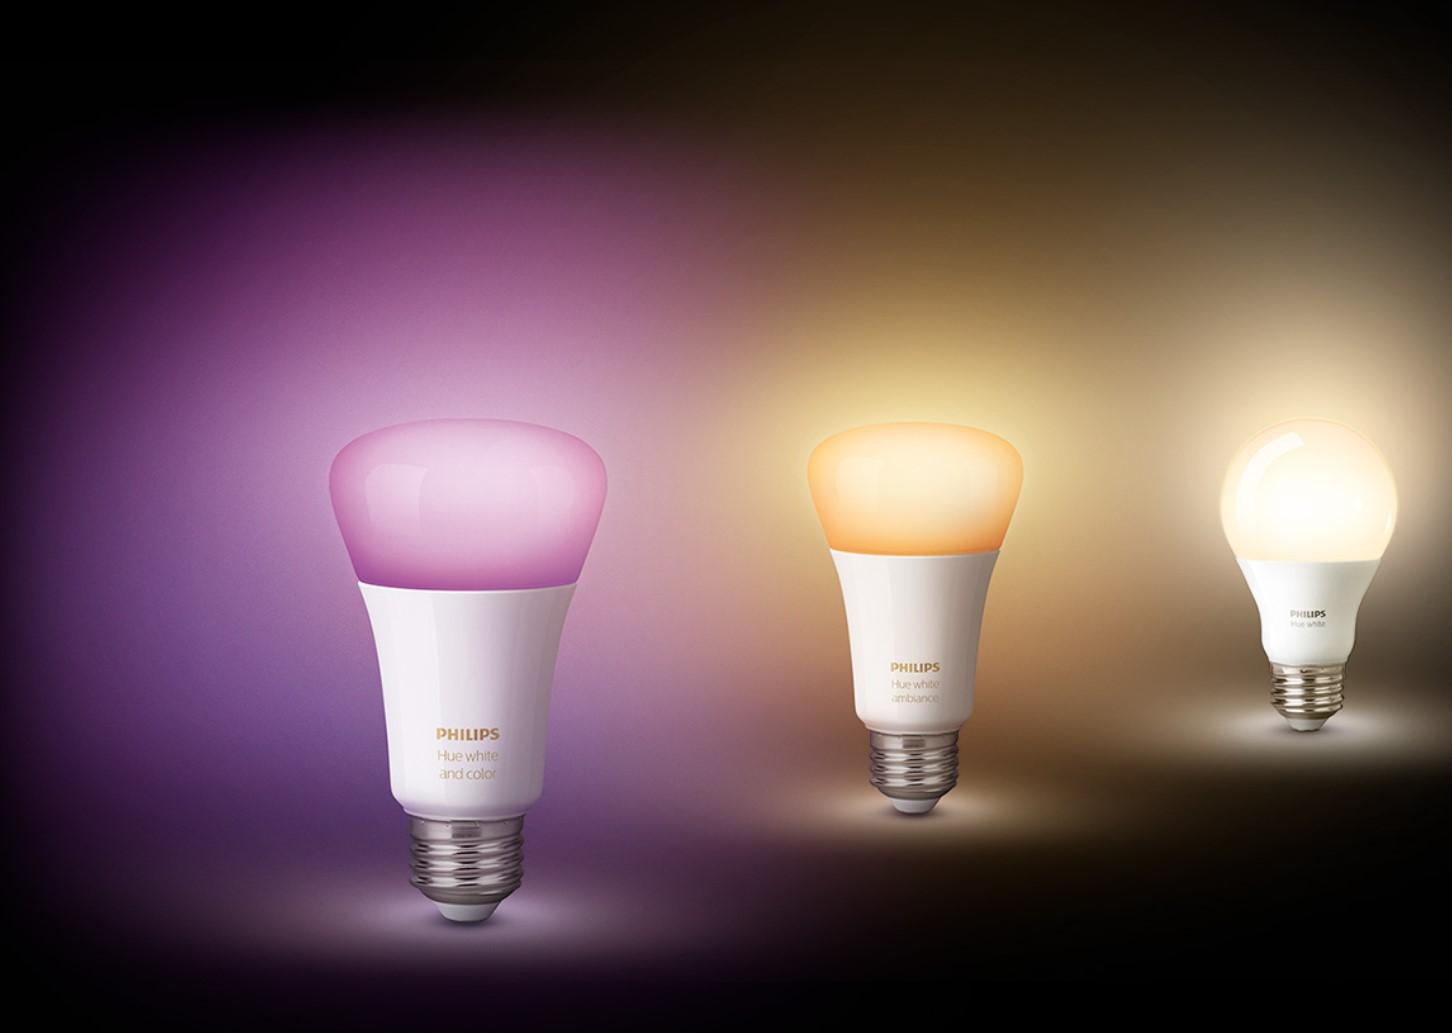 Best Smart Light Bulbs 2021